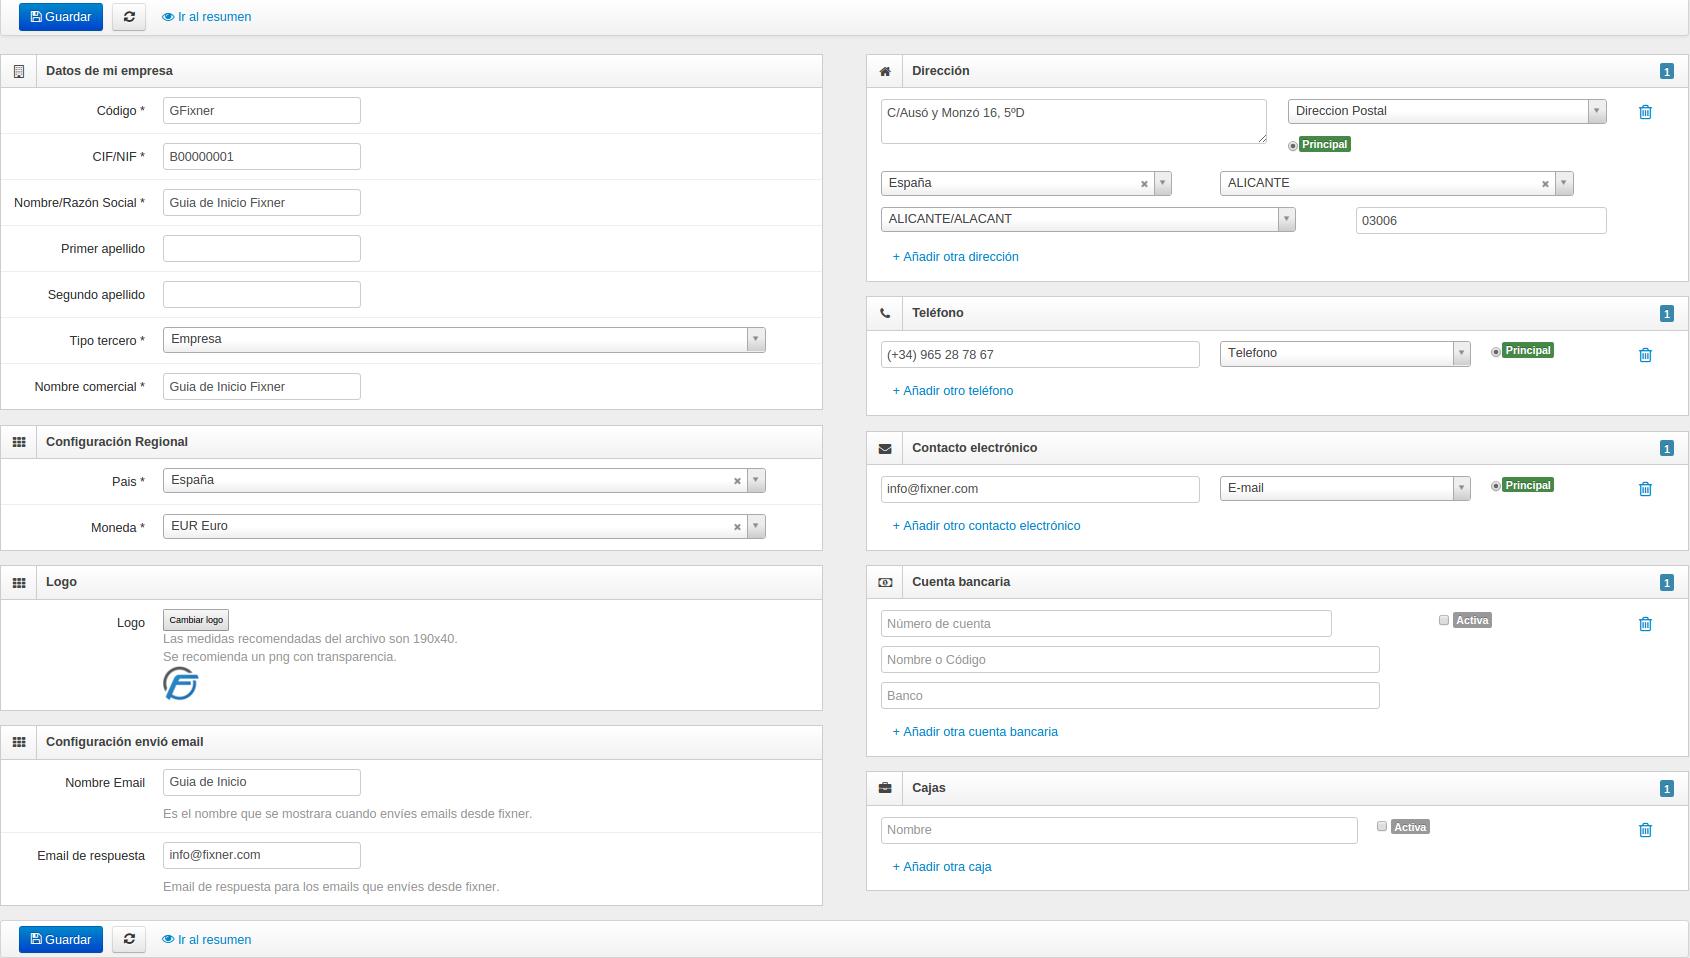 Configurar-datos-empresa